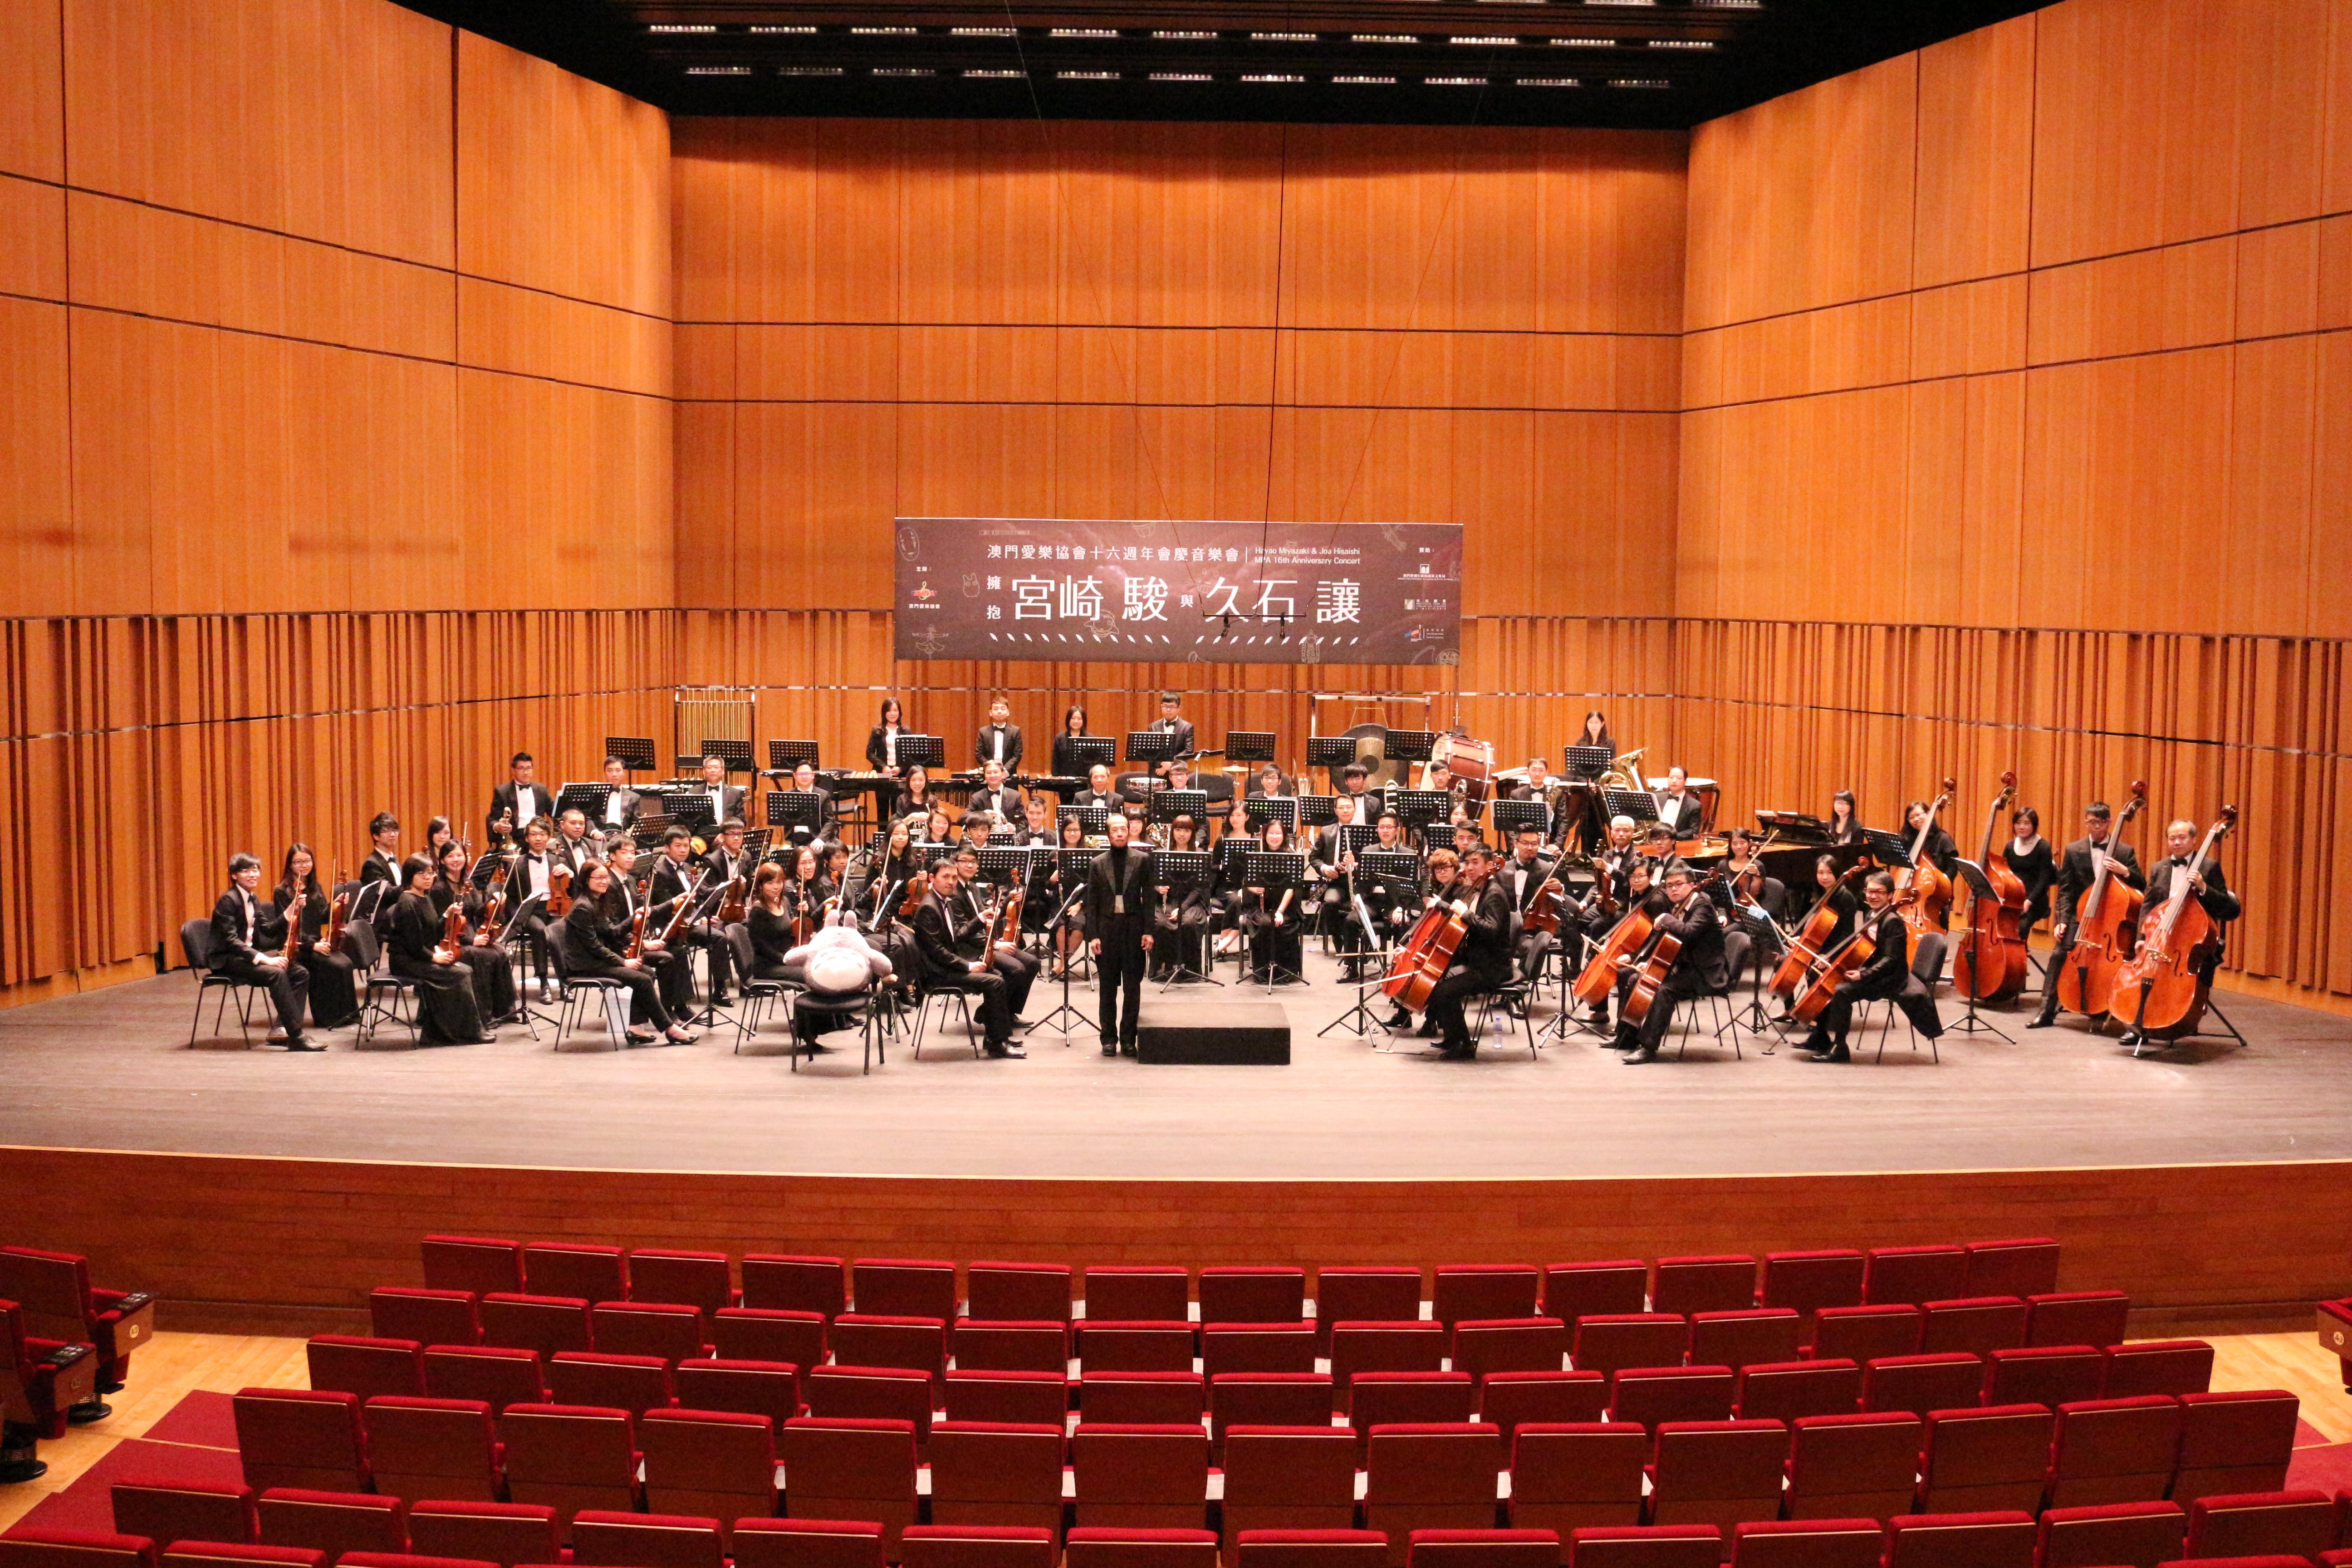 Hong Kong Symphony Orchestra